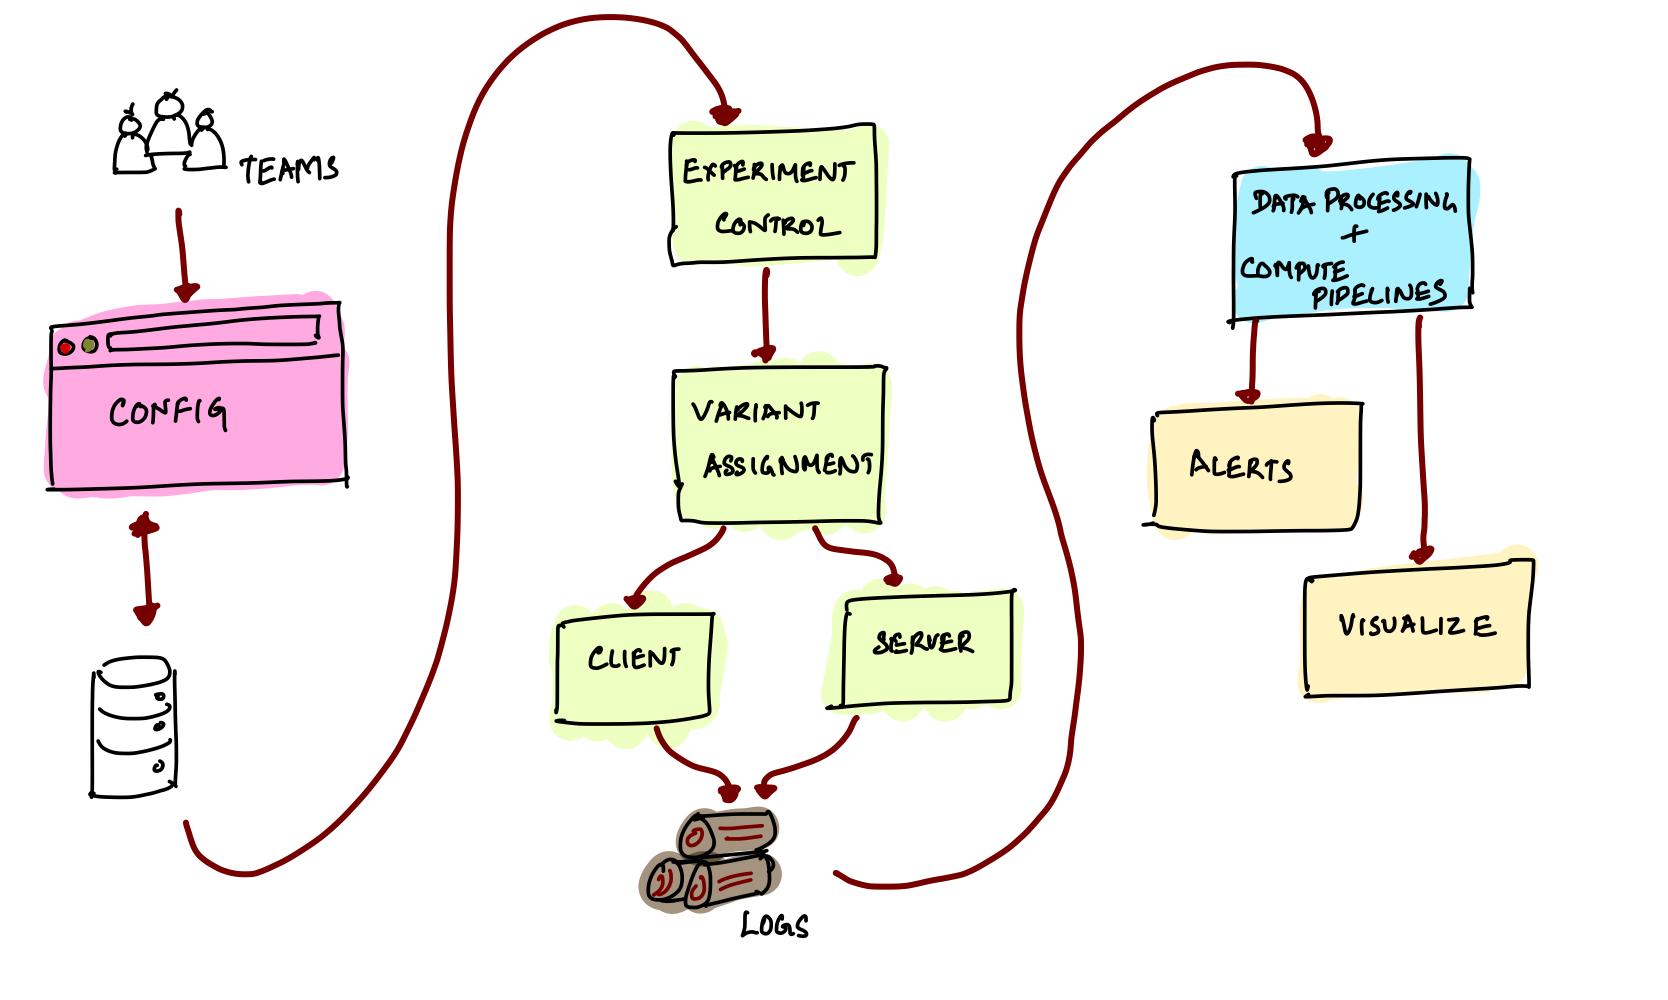 Experimentation Platform Architecture